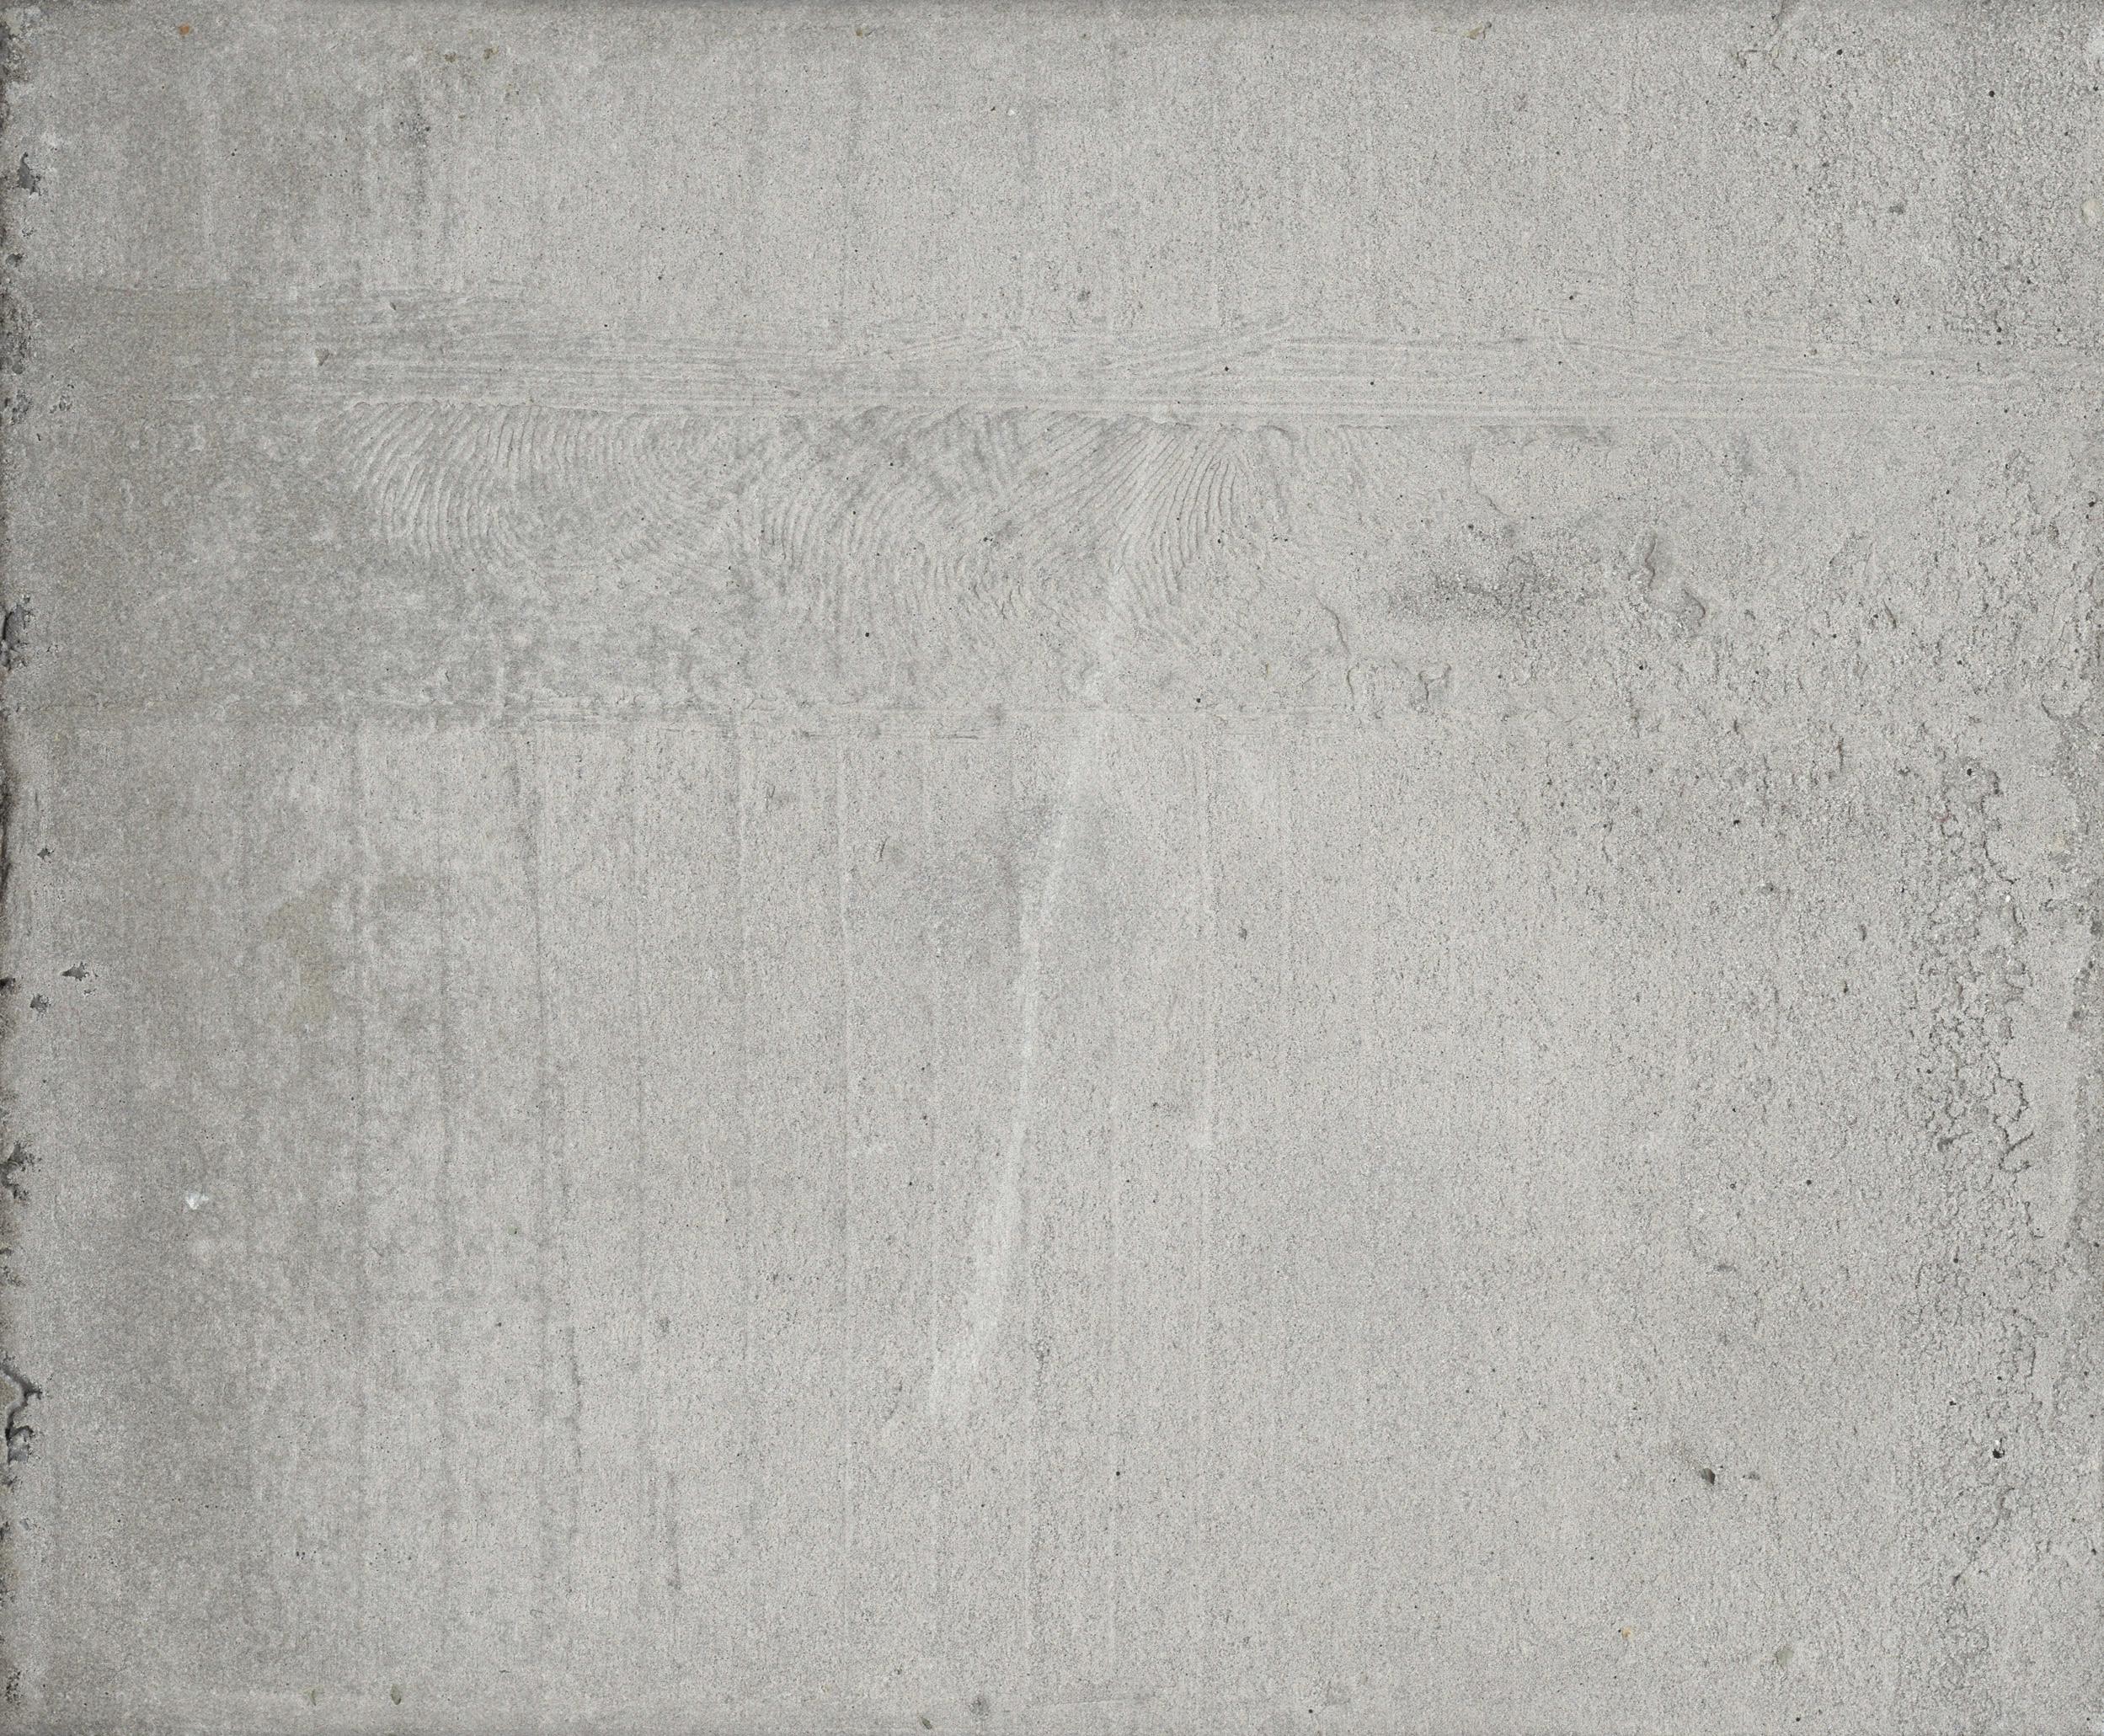 8 concrete textures vol.1 | Texture Fabrik